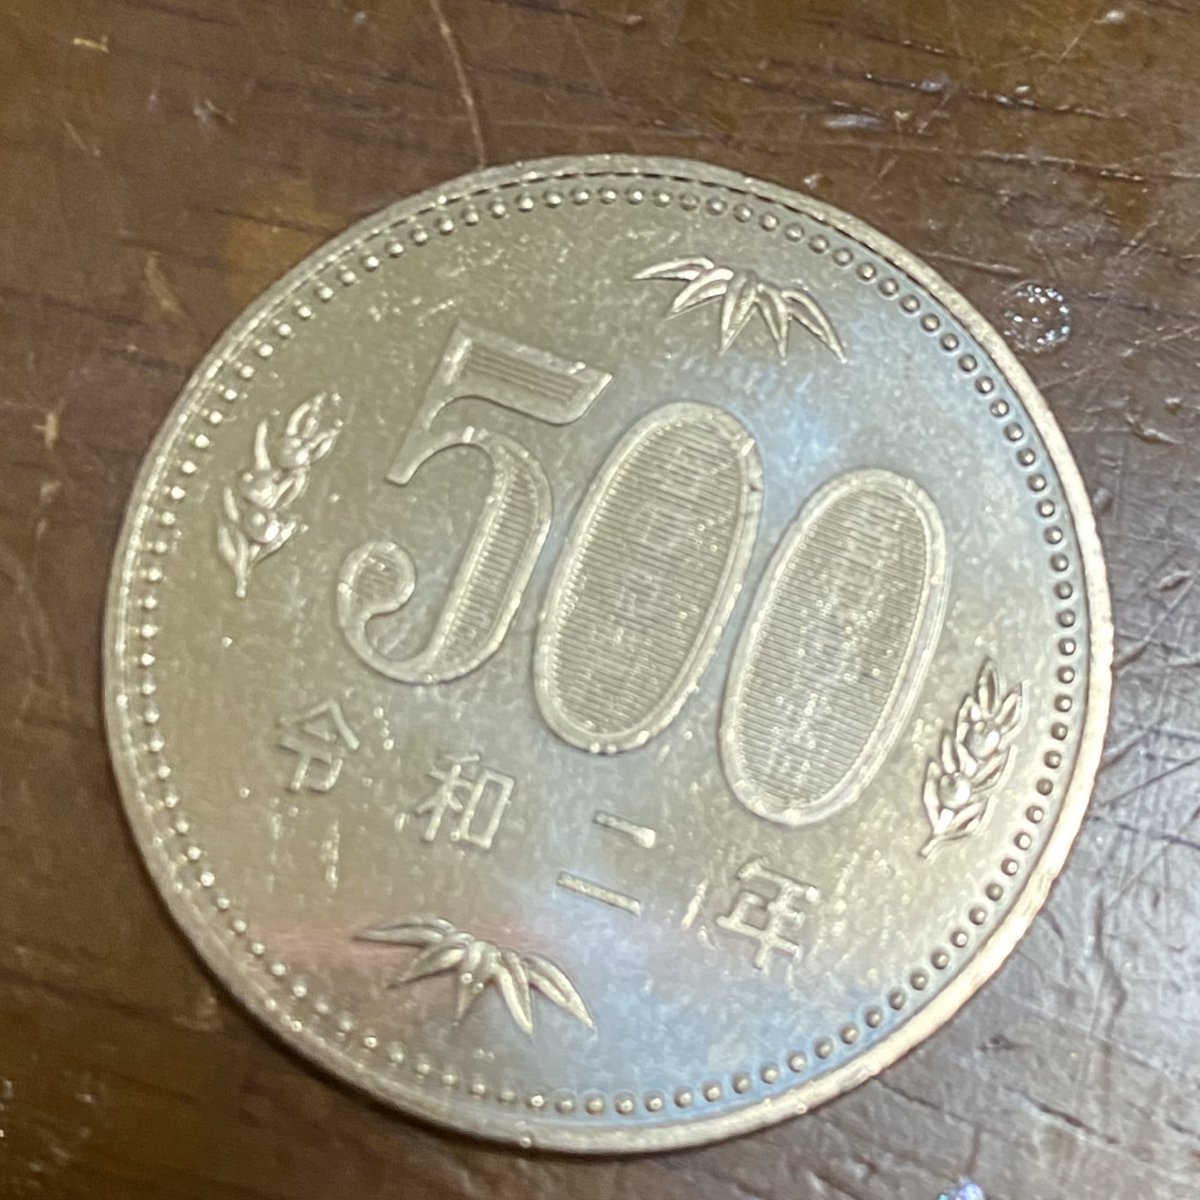 平成31年硬貨の価値